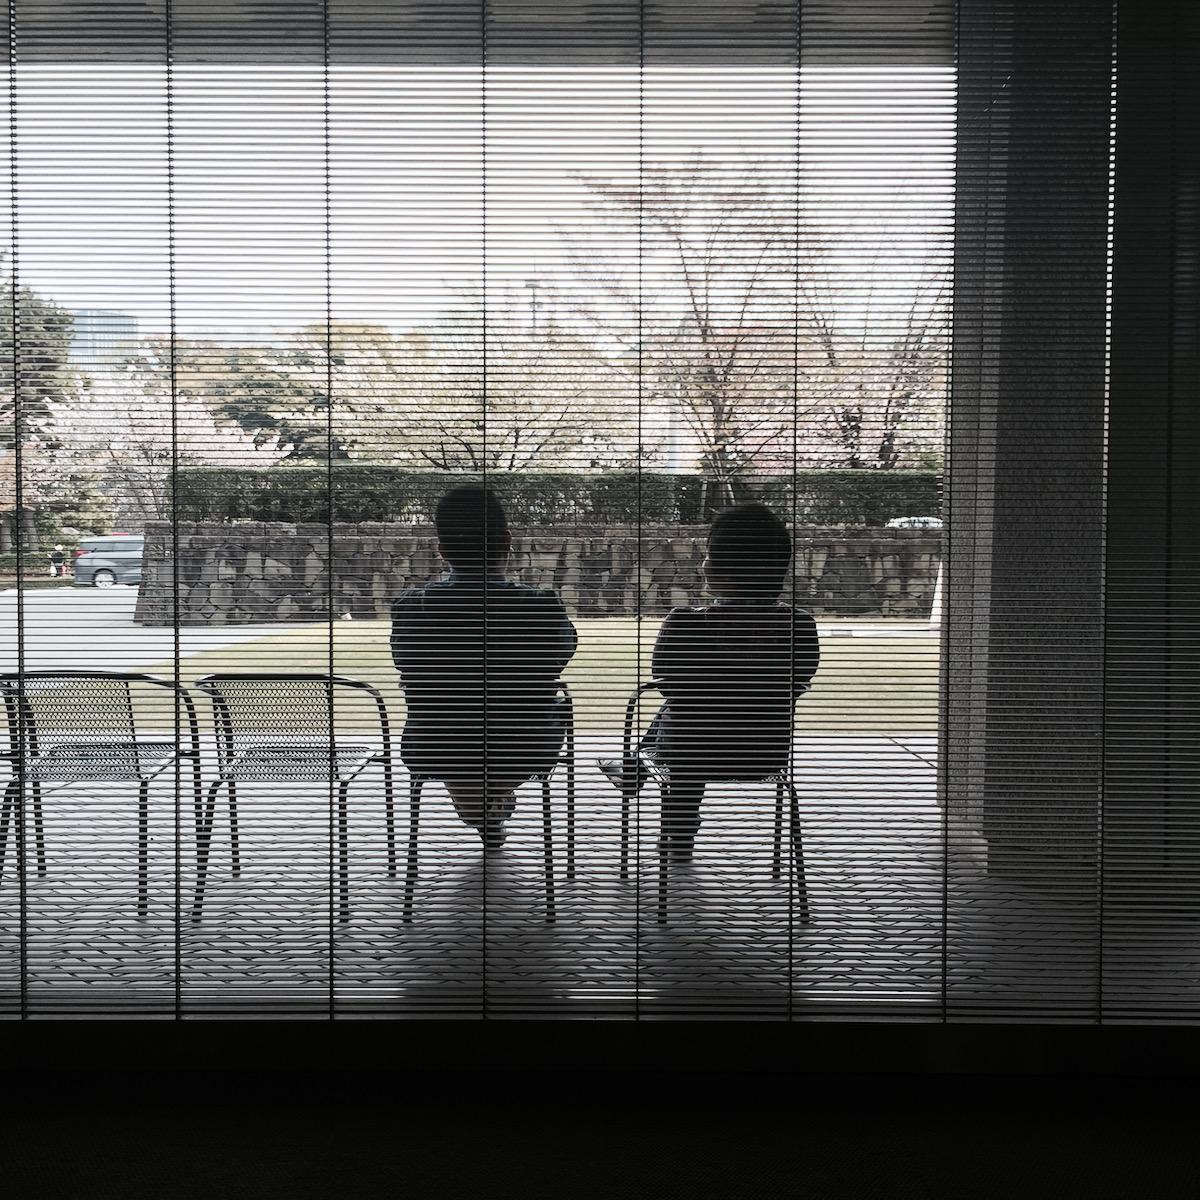 日々、東京。片岡球子展とか。